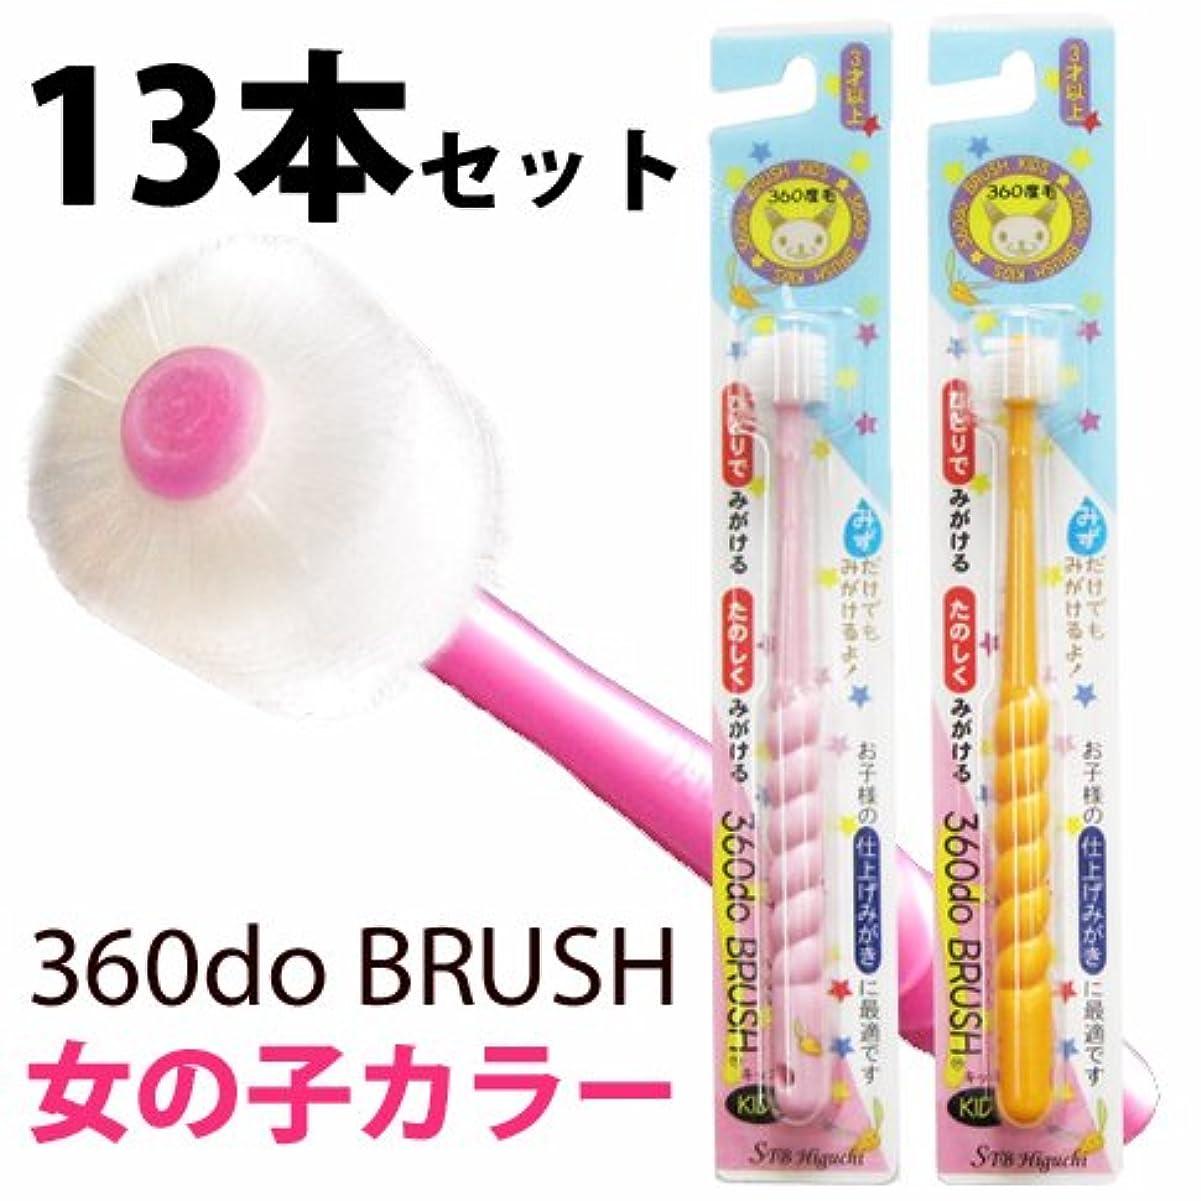 不変抑止する成り立つ360do BRUSH 360度歯ブラシ キッズ 女の子用 13本セット